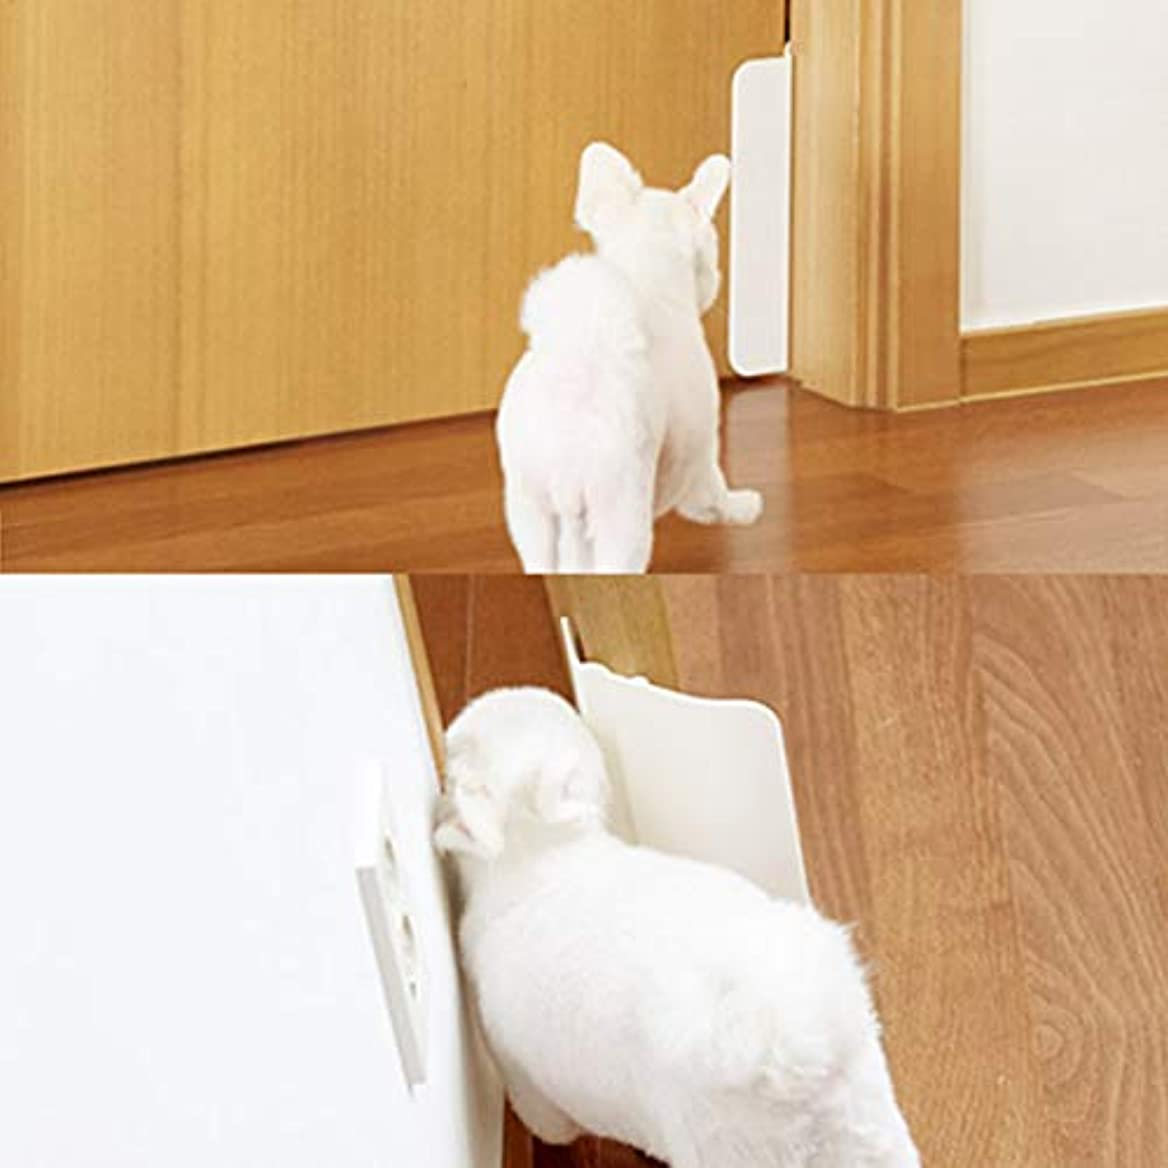 何よりも家不愉快にペット用ドア 犬猫出入り口 犬猫用ドア 扉 猫 犬用 ペット用出入り口 猫ちゃん用ドア 室内用キャットドア 犬猫用ドア 冷暖房対策 ペット用品 出入り口 取り付け簡単 ペット用ドア フリー